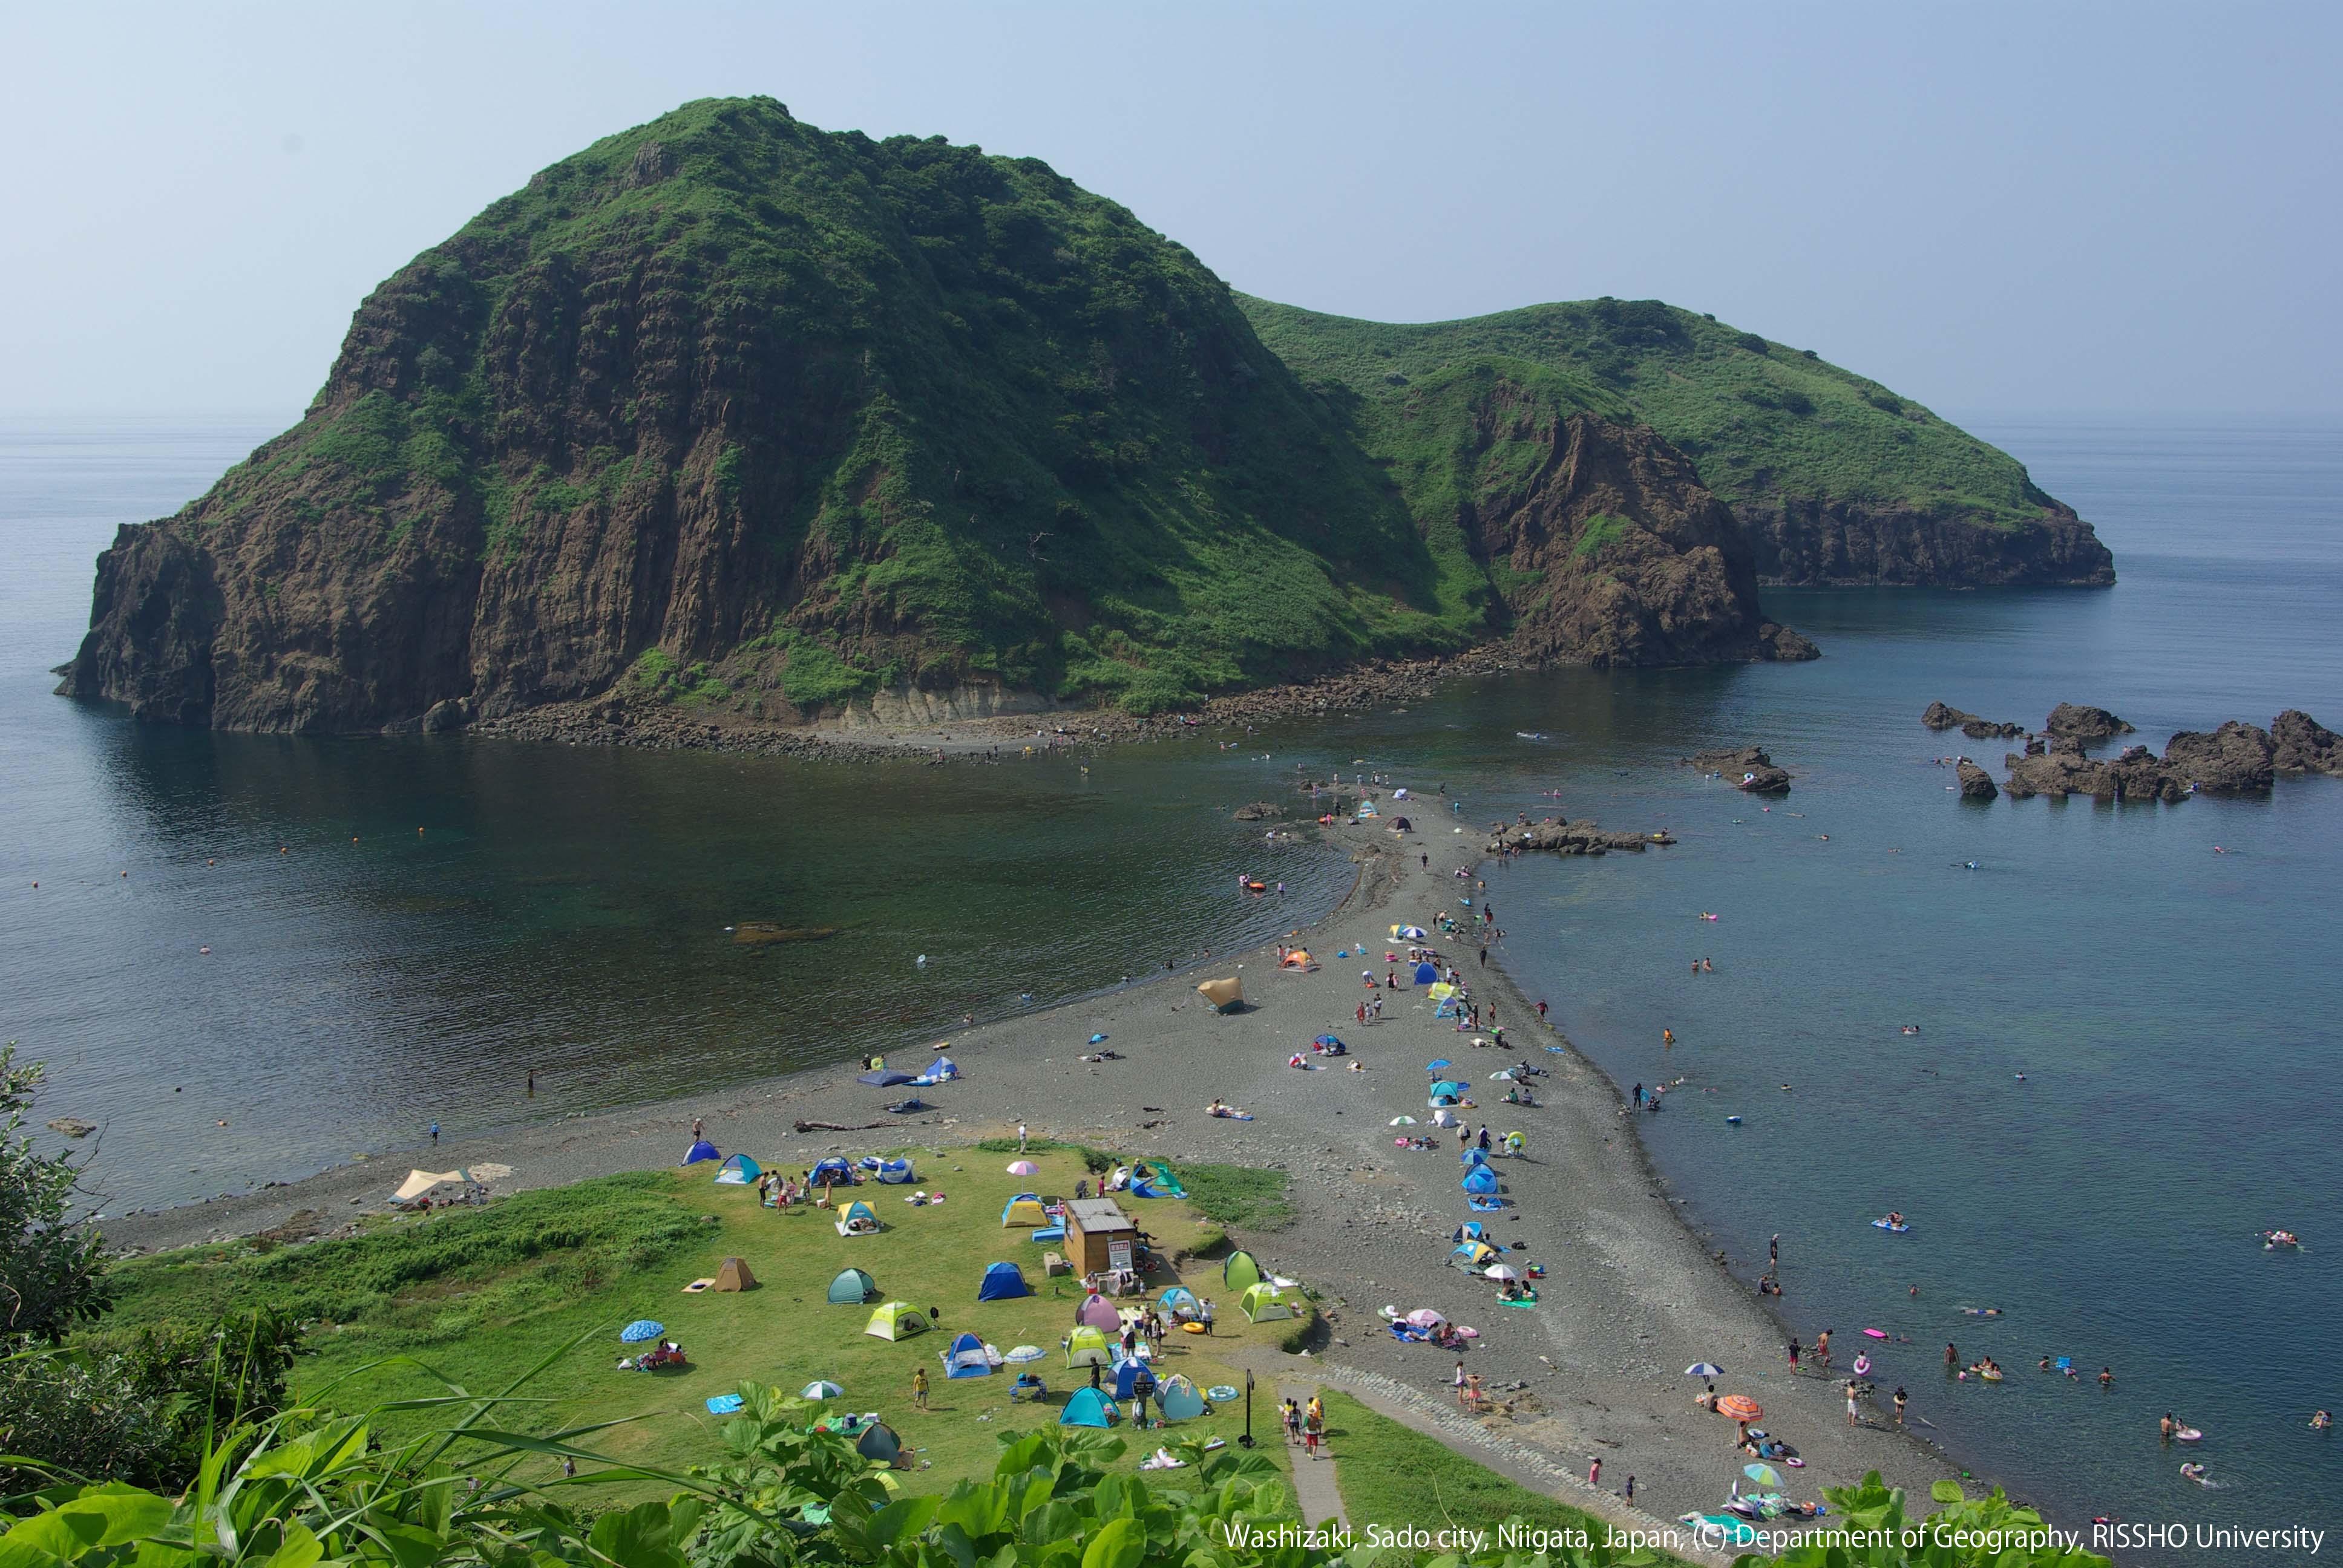 佐渡島二ツ亀に形成されたトンボロ